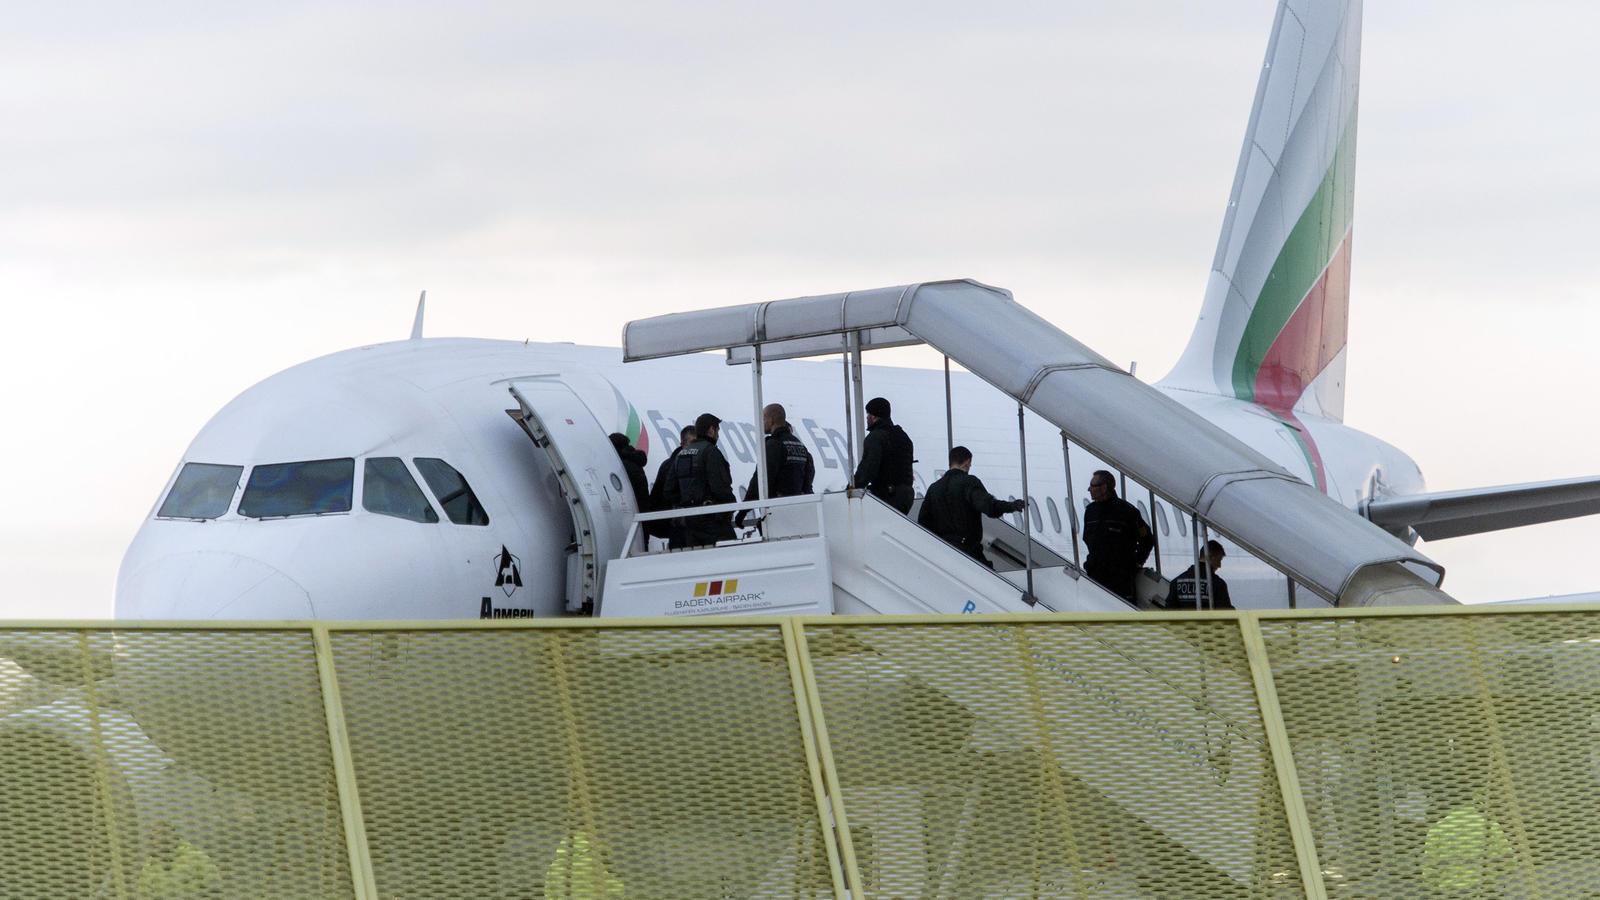 Sammelabschiebung: Abgelehnte Asylbewerber auf dem Weg in ein Flugzeug (Archivfoto).